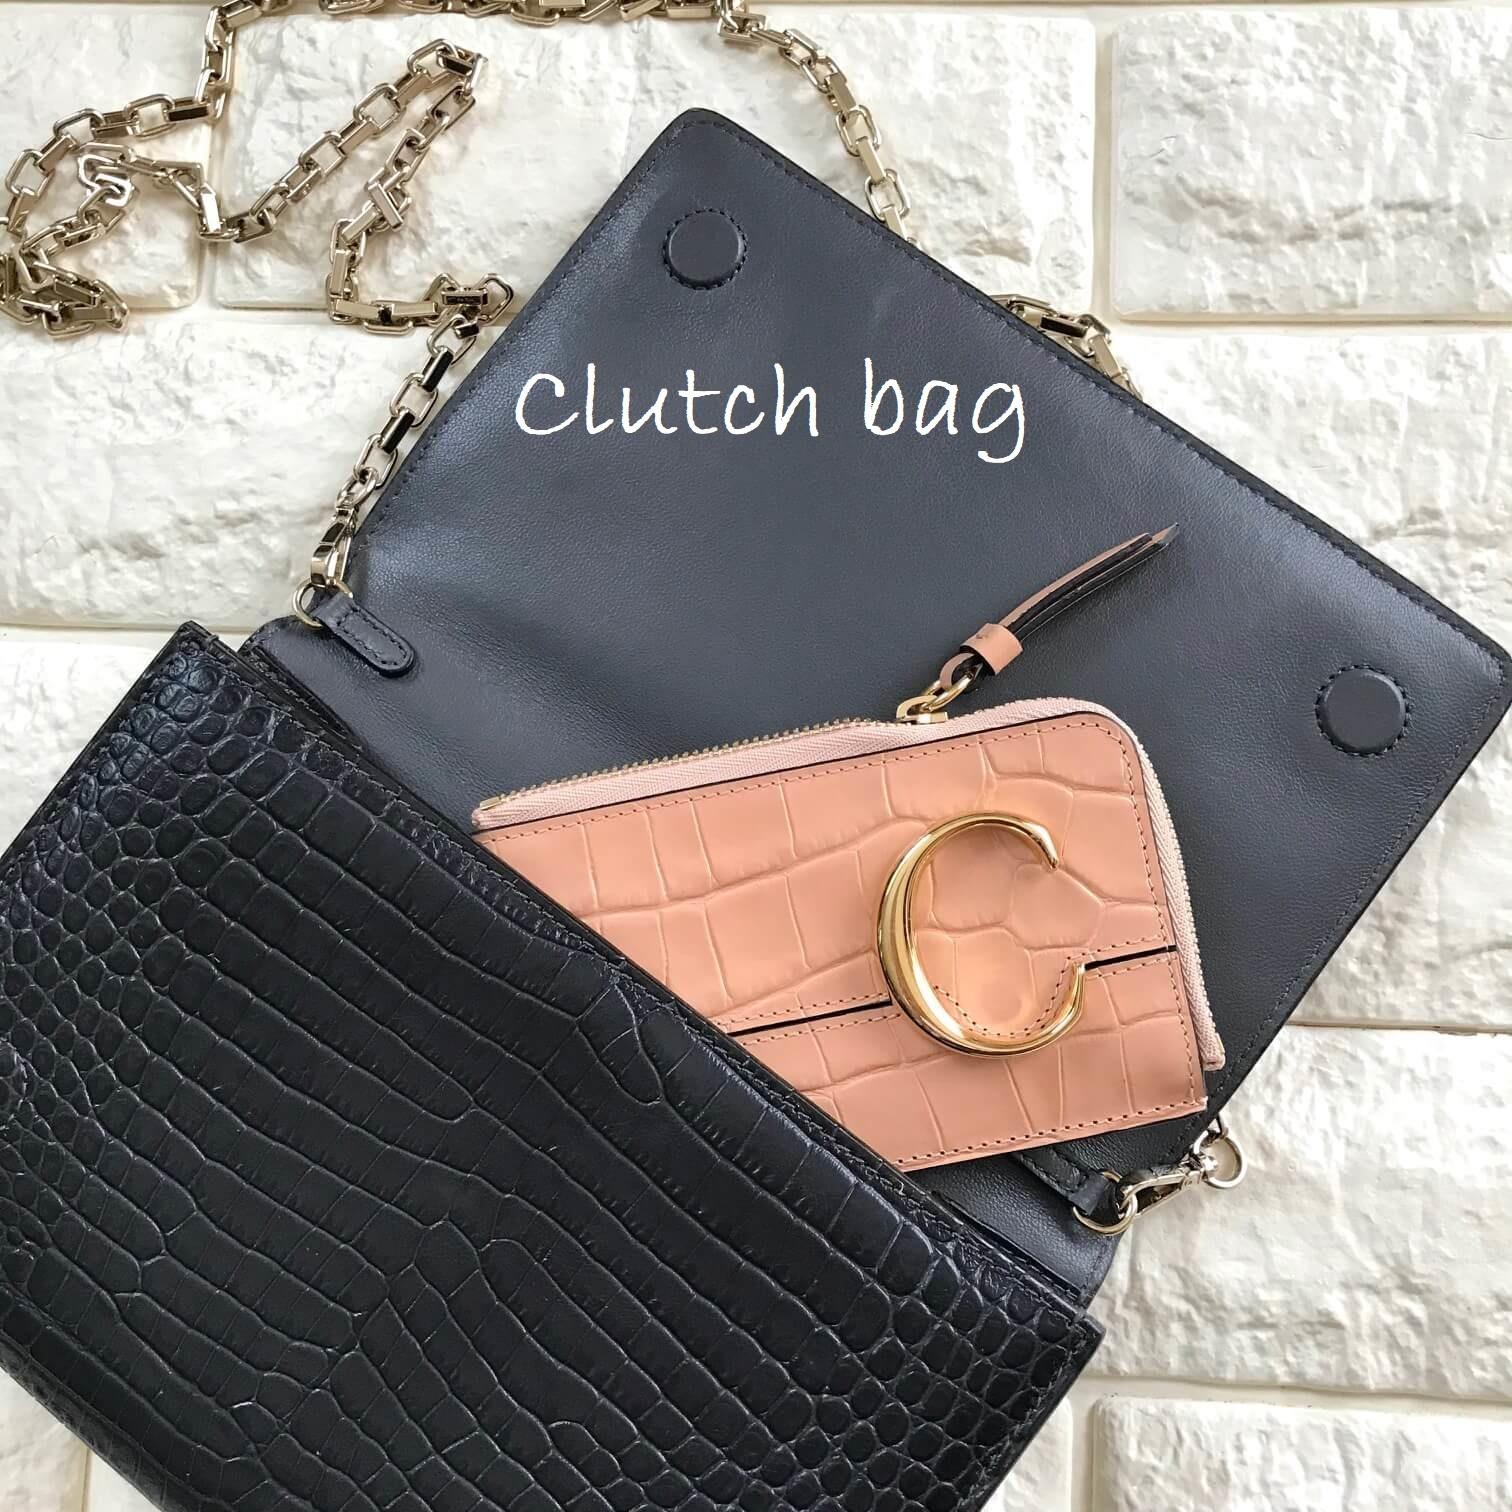 クロエのお財布をクラッチバッグに入れた画像